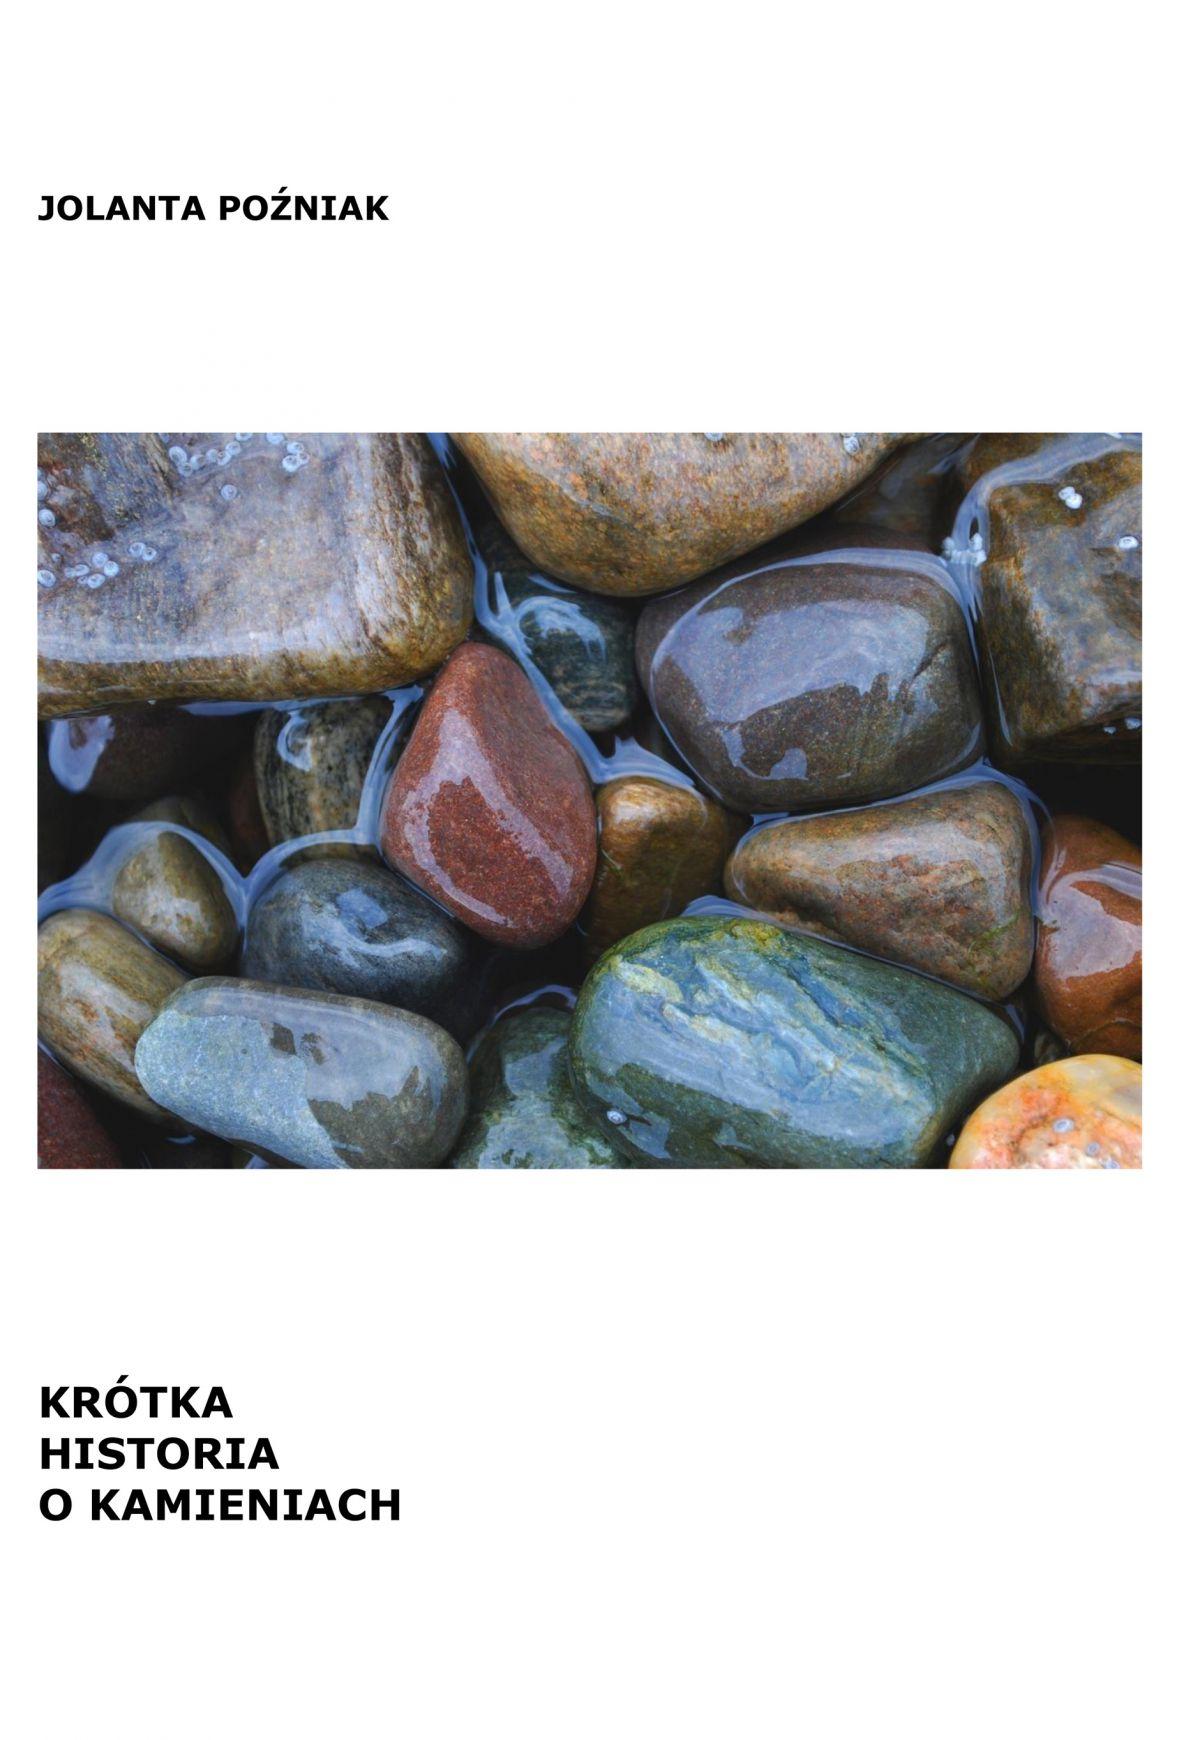 Krótka historia o kamieniach - Ebook (Książka na Kindle) do pobrania w formacie MOBI